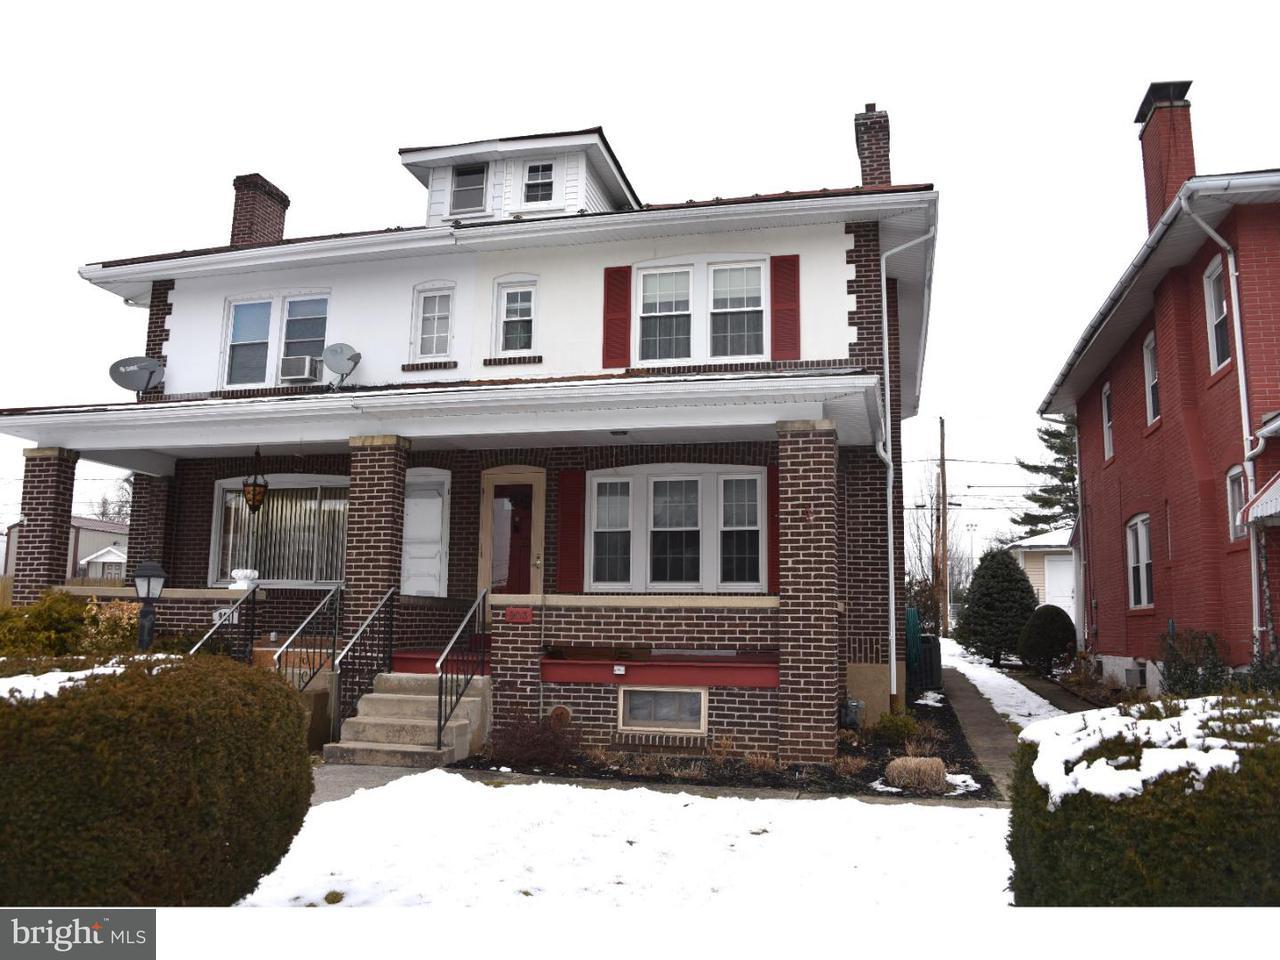 Casa unifamiliar adosada (Townhouse) por un Venta en 903 S POPLAR Street Allentown, Pennsylvania 18103 Estados Unidos